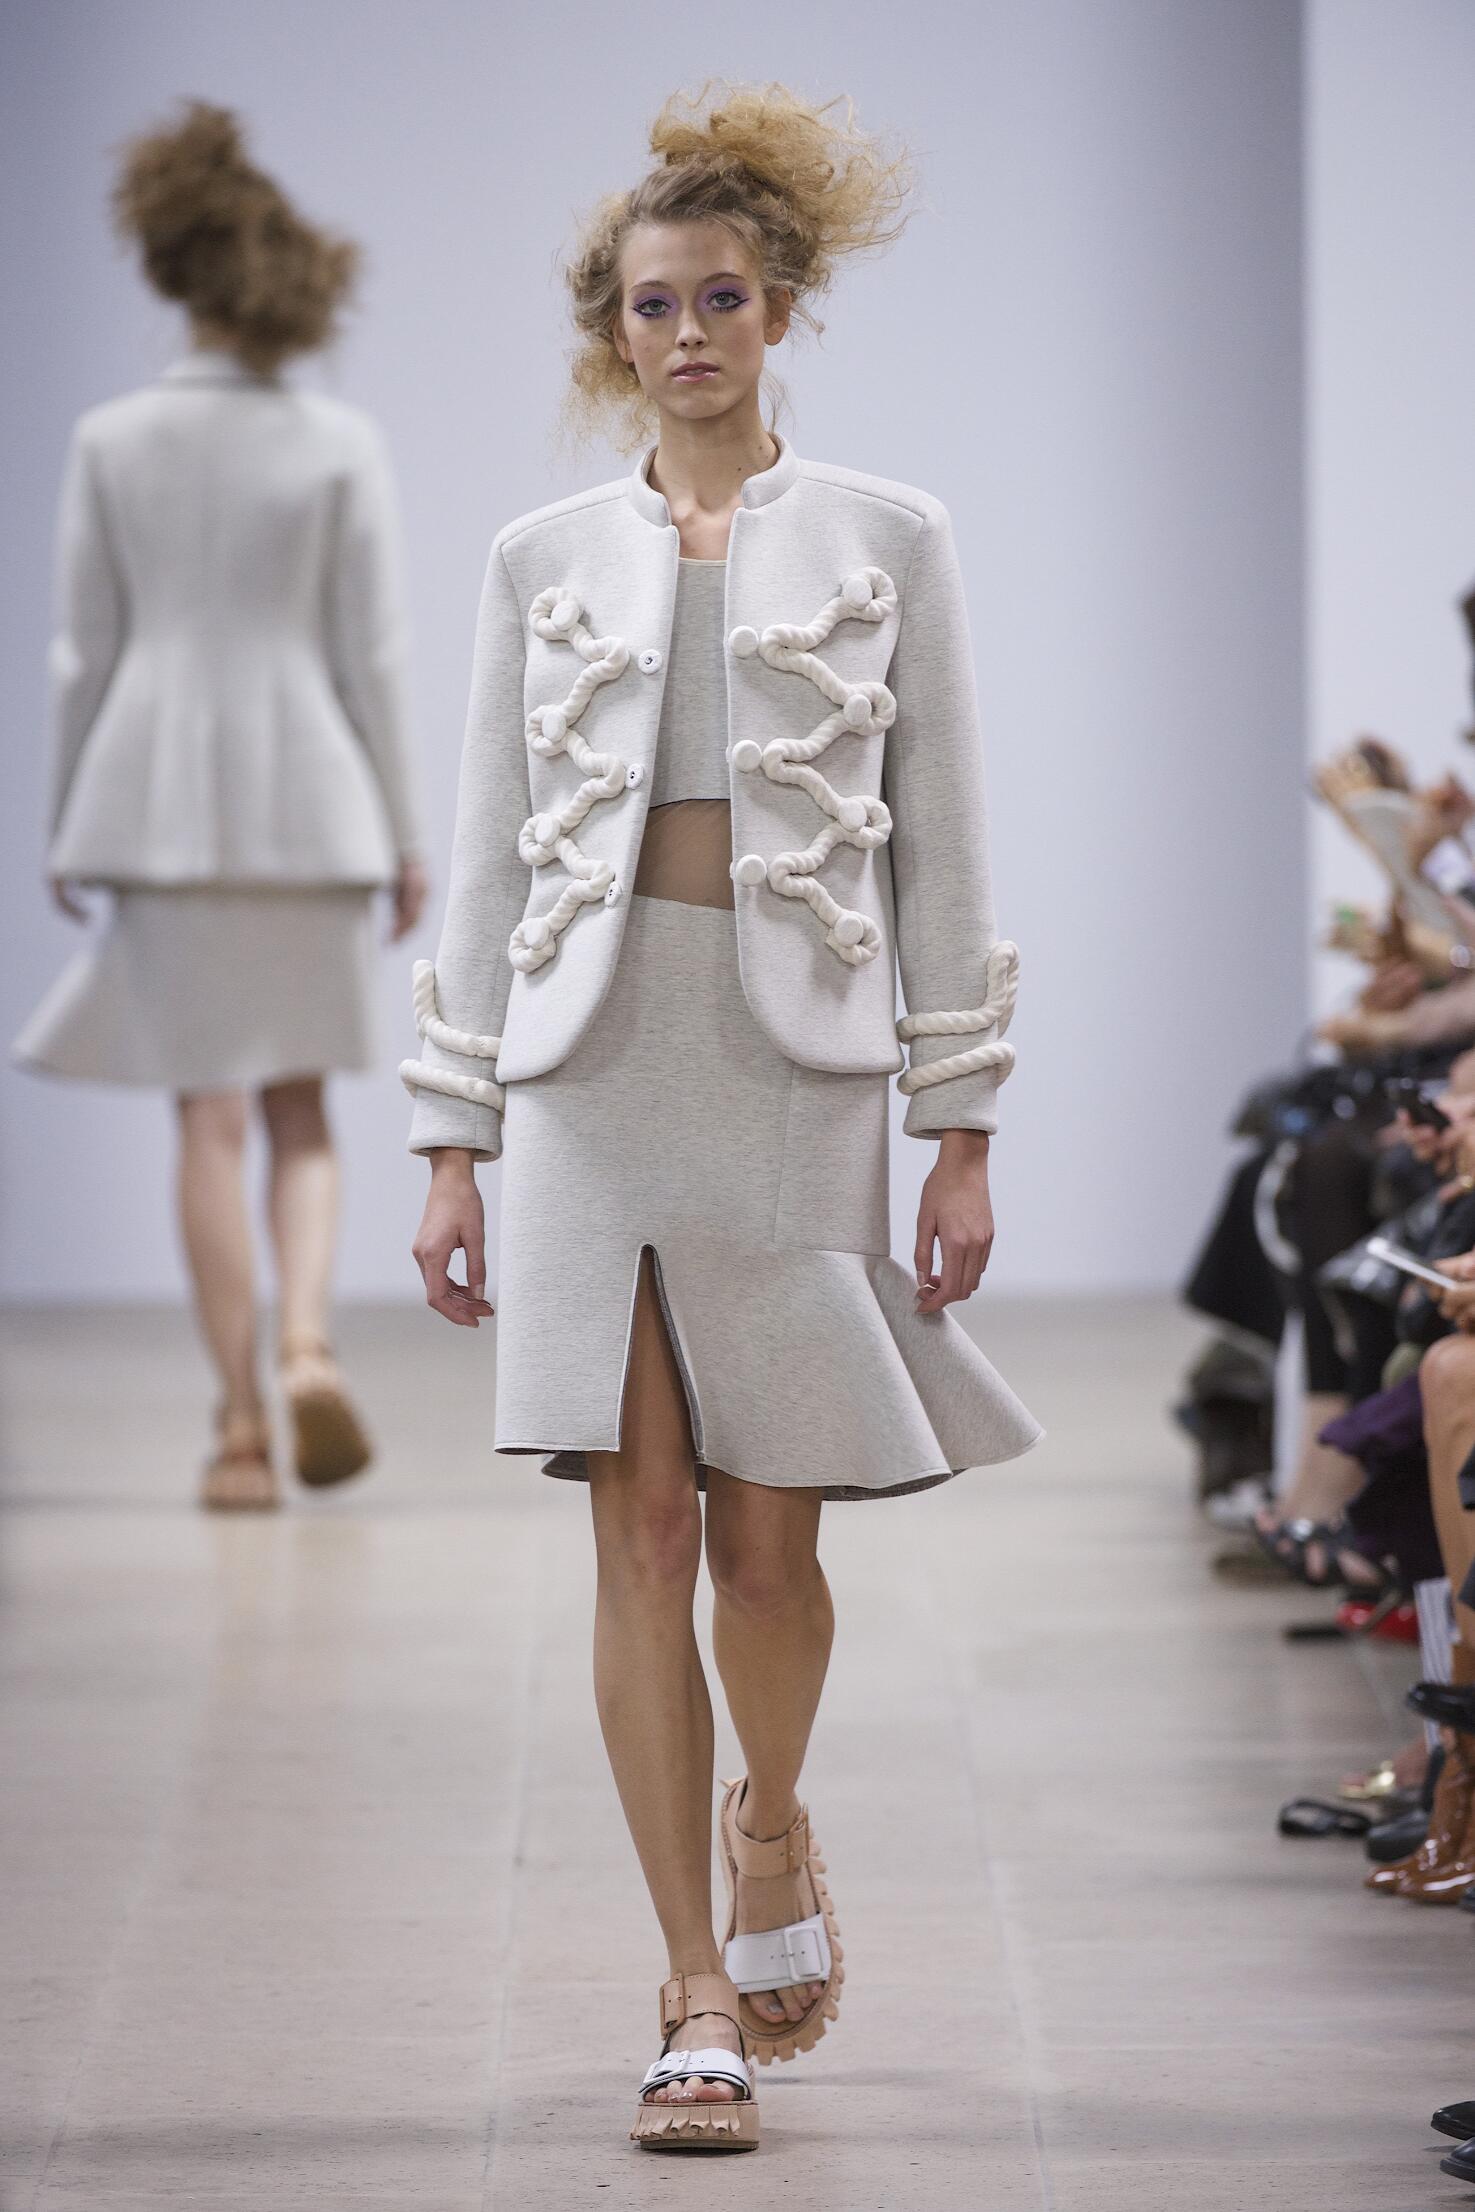 Spring Summer 2015 Fashion Model Julien David